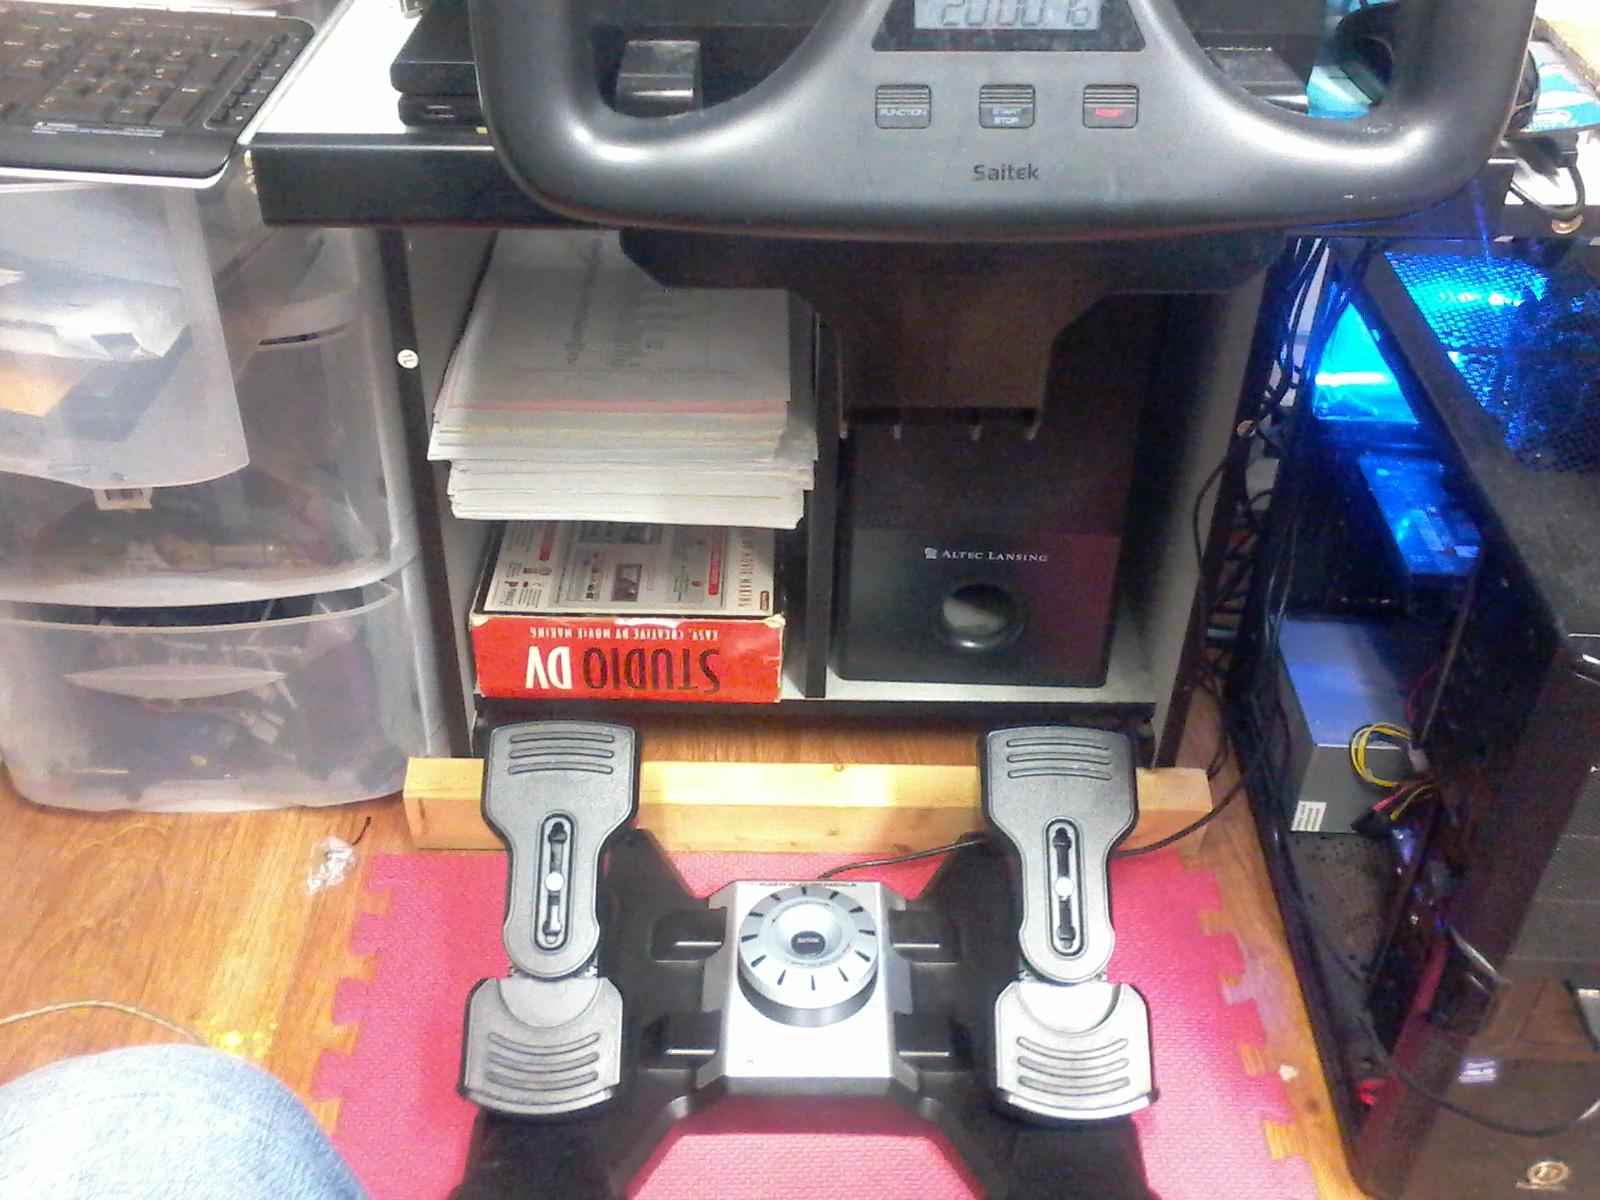 Saitek rudder pedals